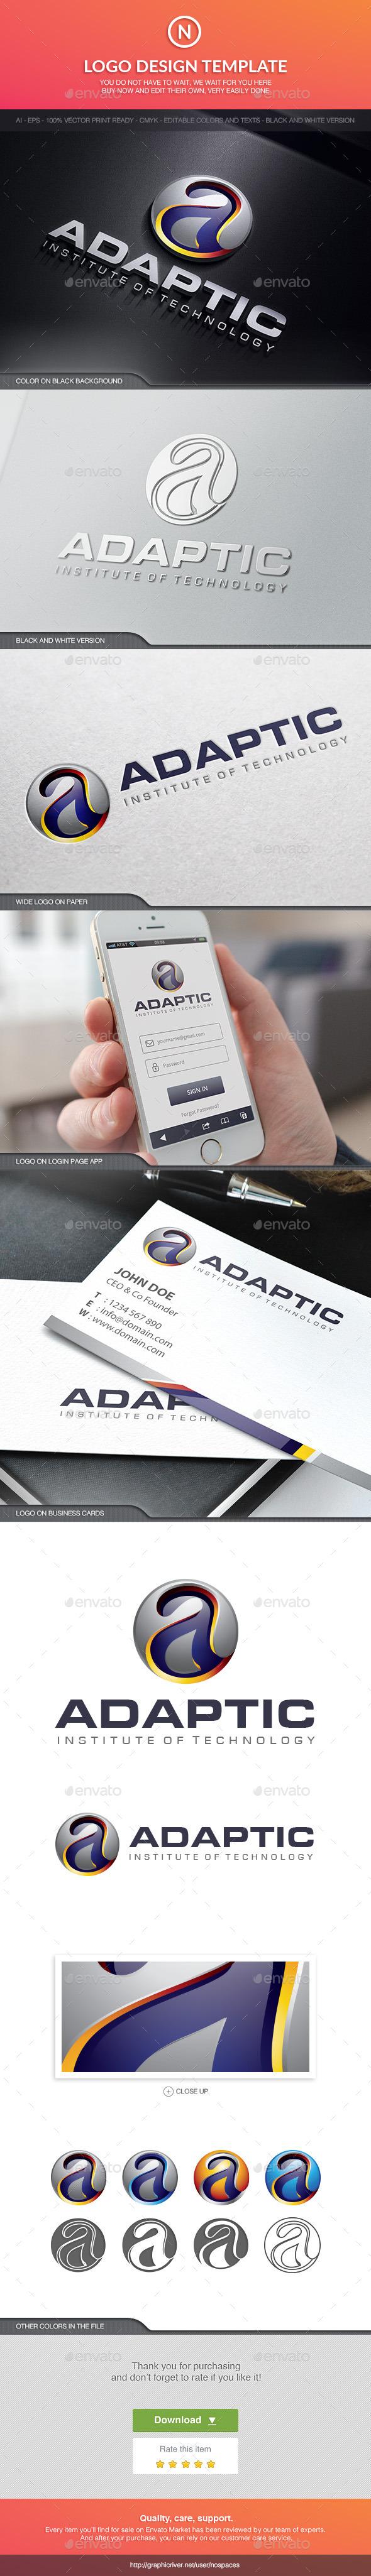 GraphicRiver Adaptic Institute 10513993